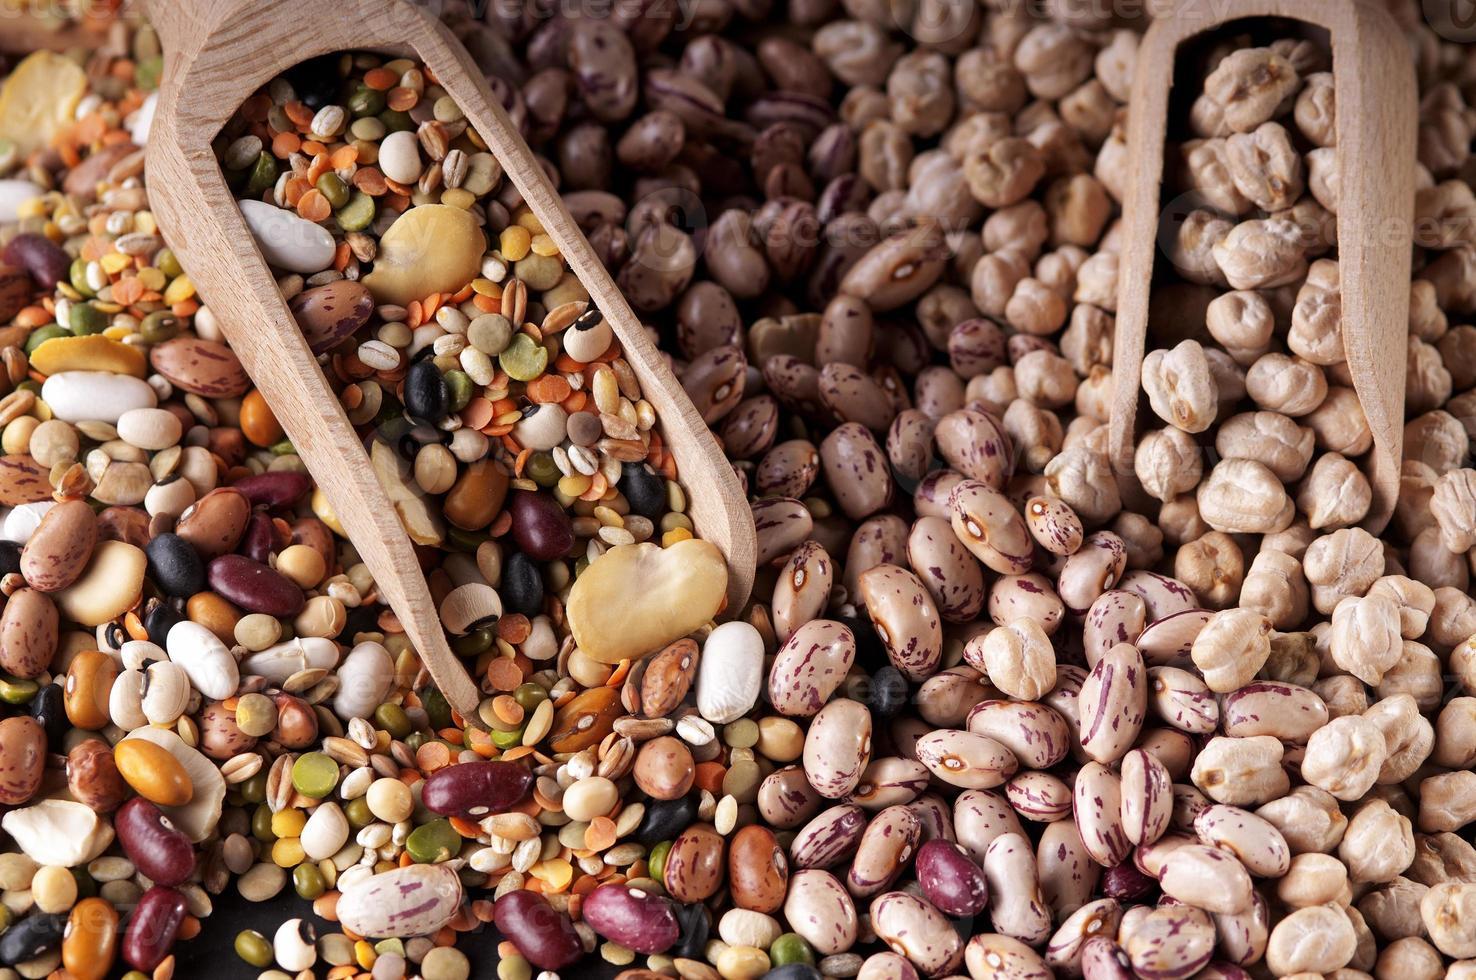 färgglad blandning av pulser för grönsaksoppa foto